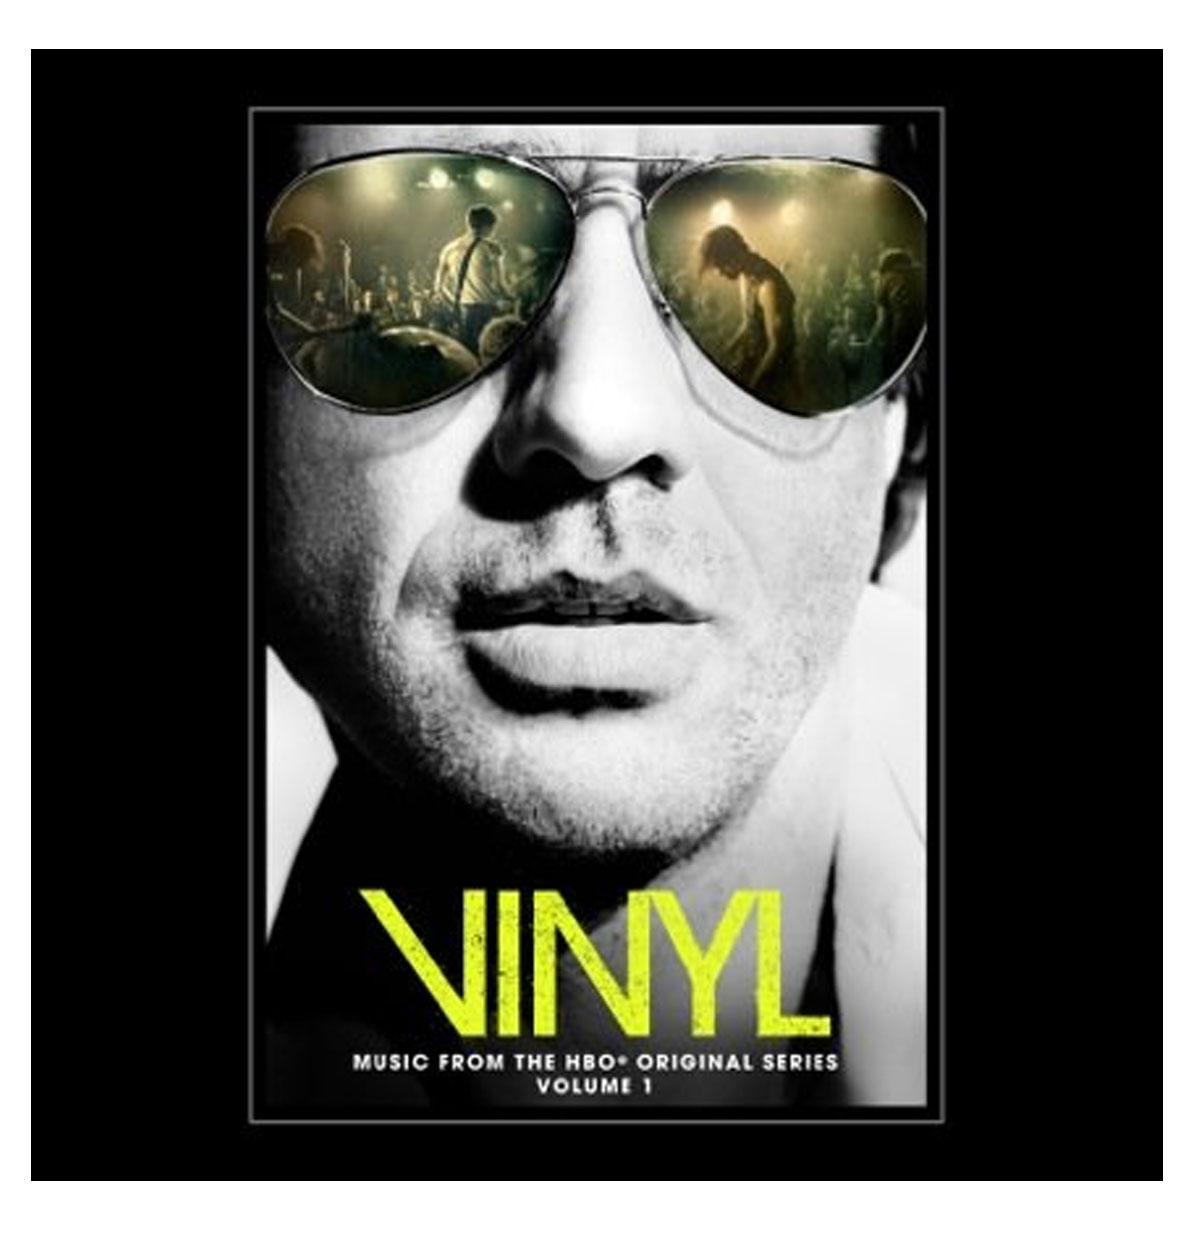 OST - Vinyl TV-Series Vol. 1 2-LP and CD